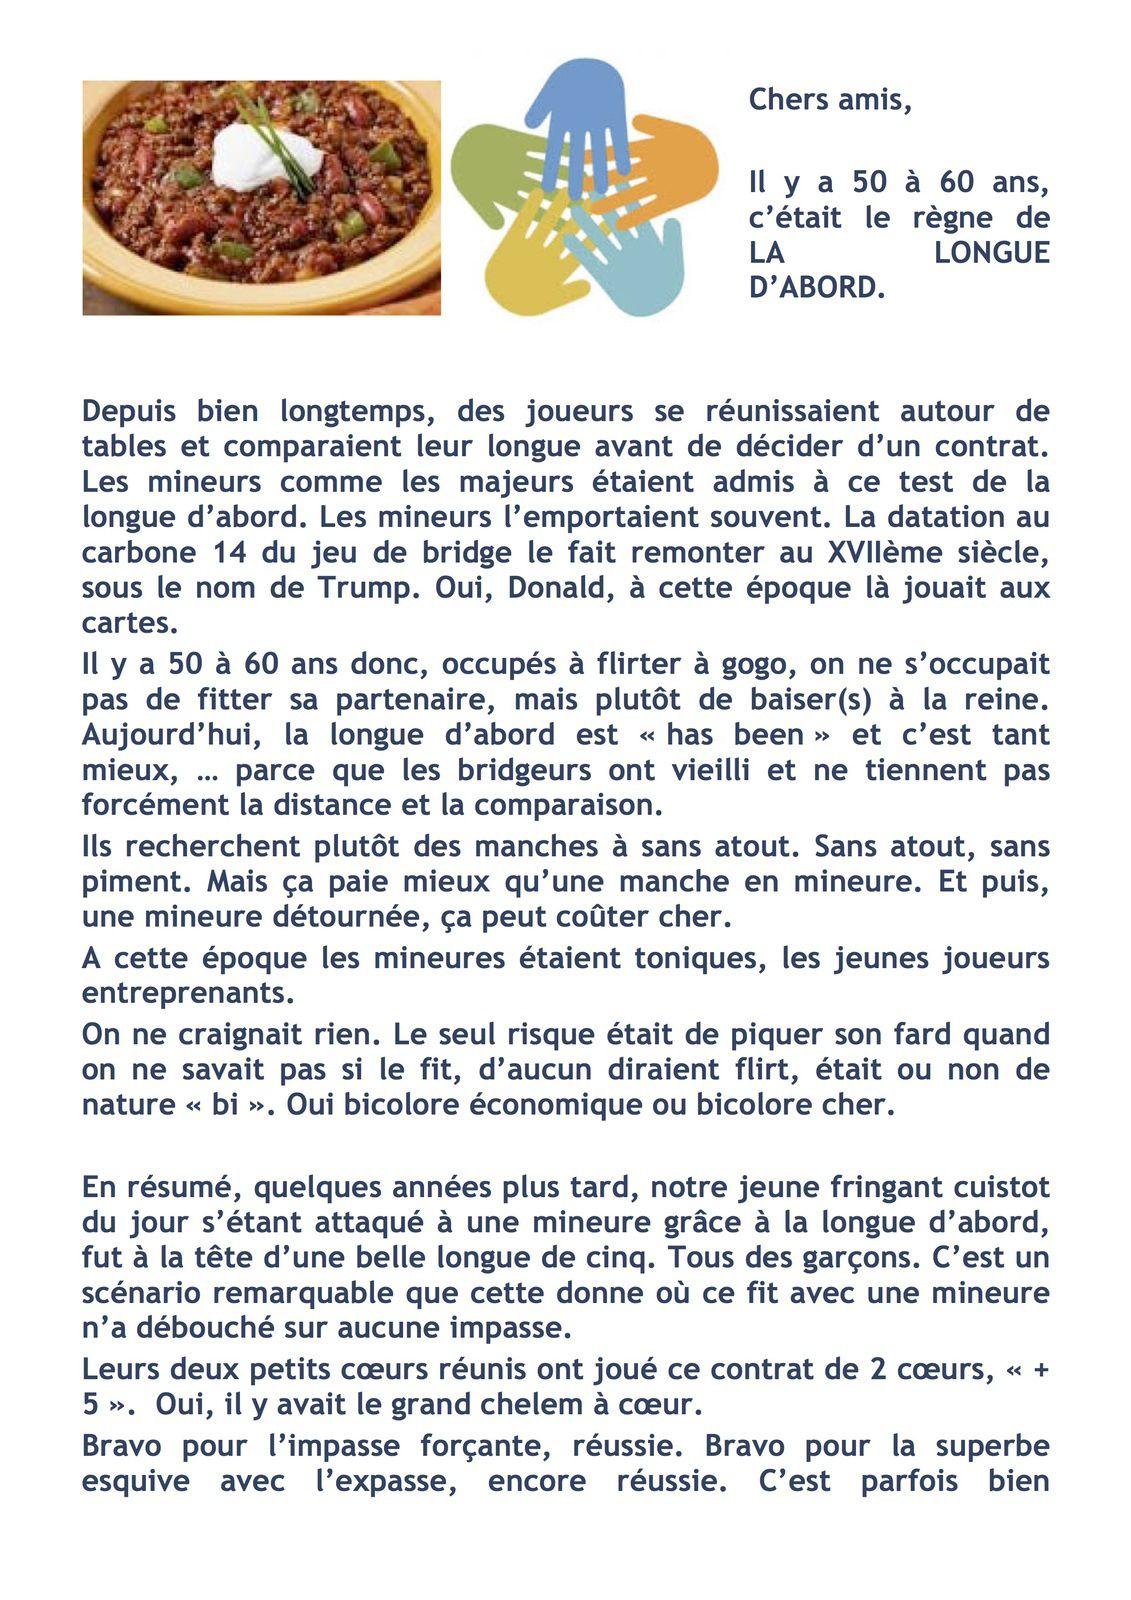 """Les remerciements du club au chef """"CHILI CON CARNE"""", alias Jean Paul Coutant"""